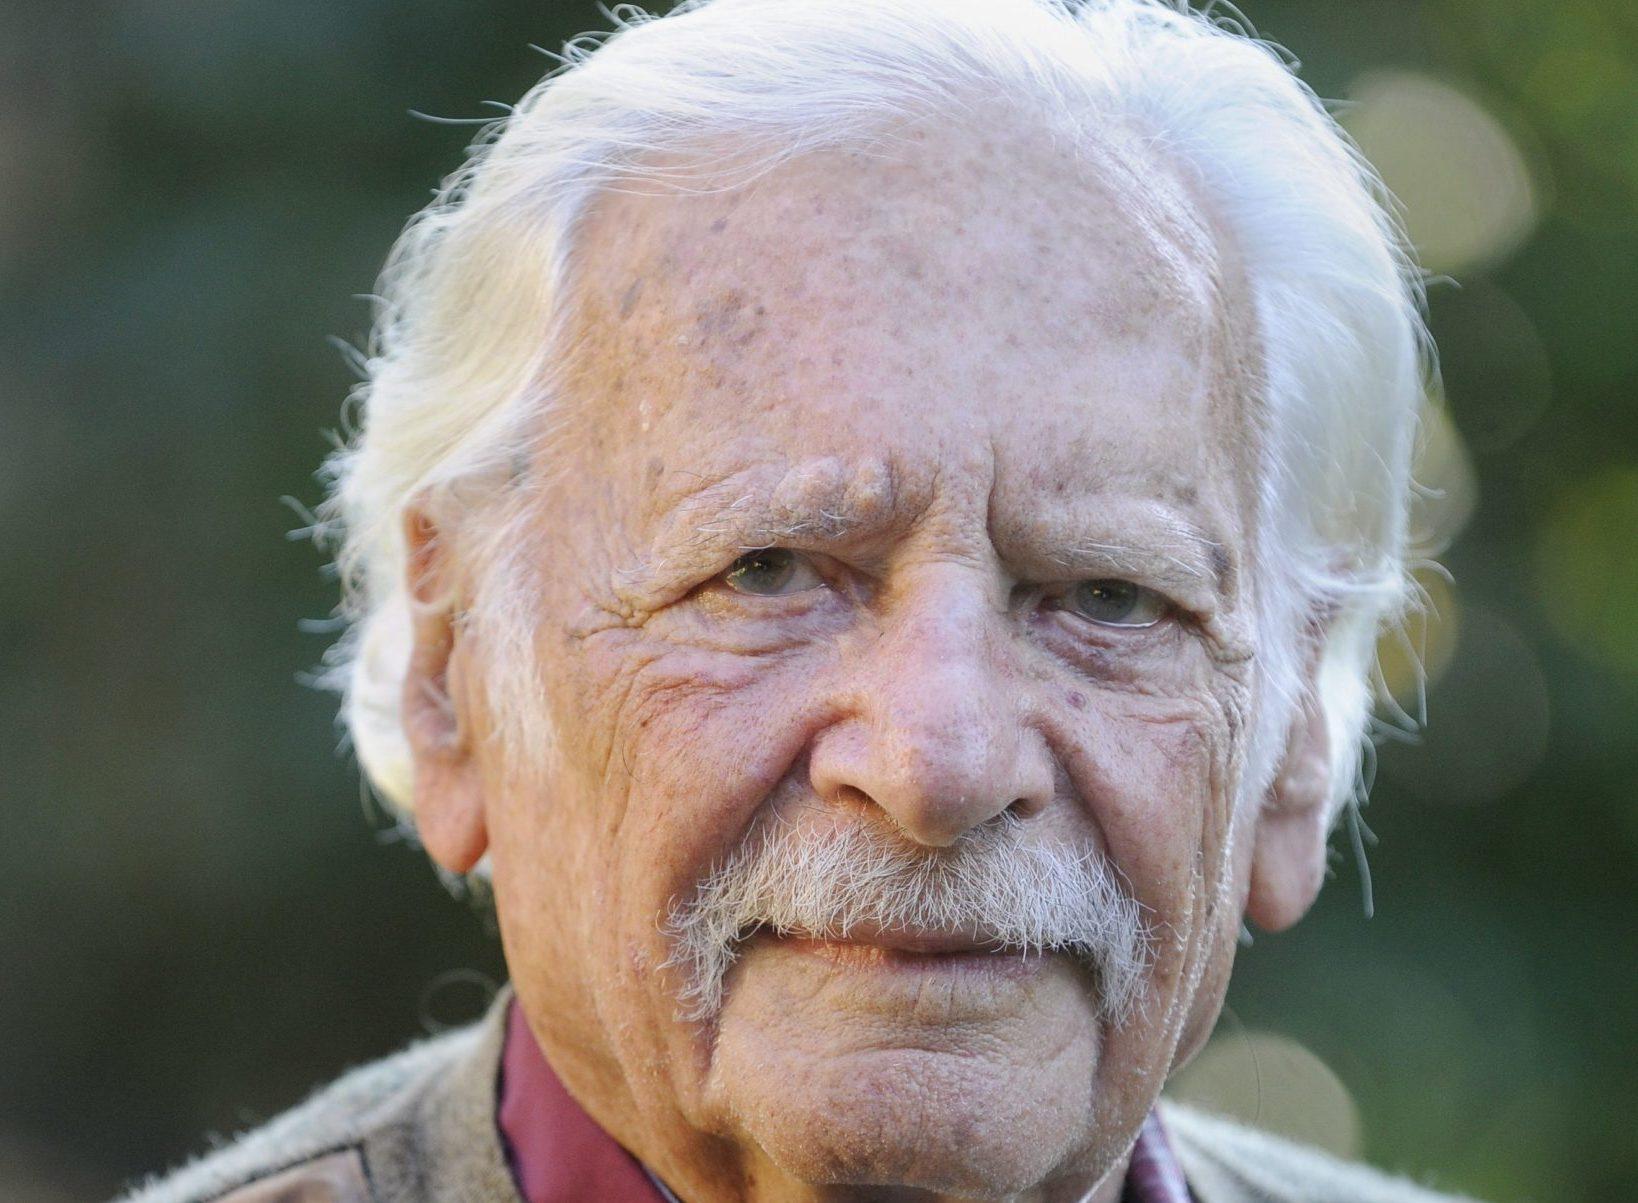 Meglepő látványt nyújt az egy éve elhunyt Bálint gazda sírja